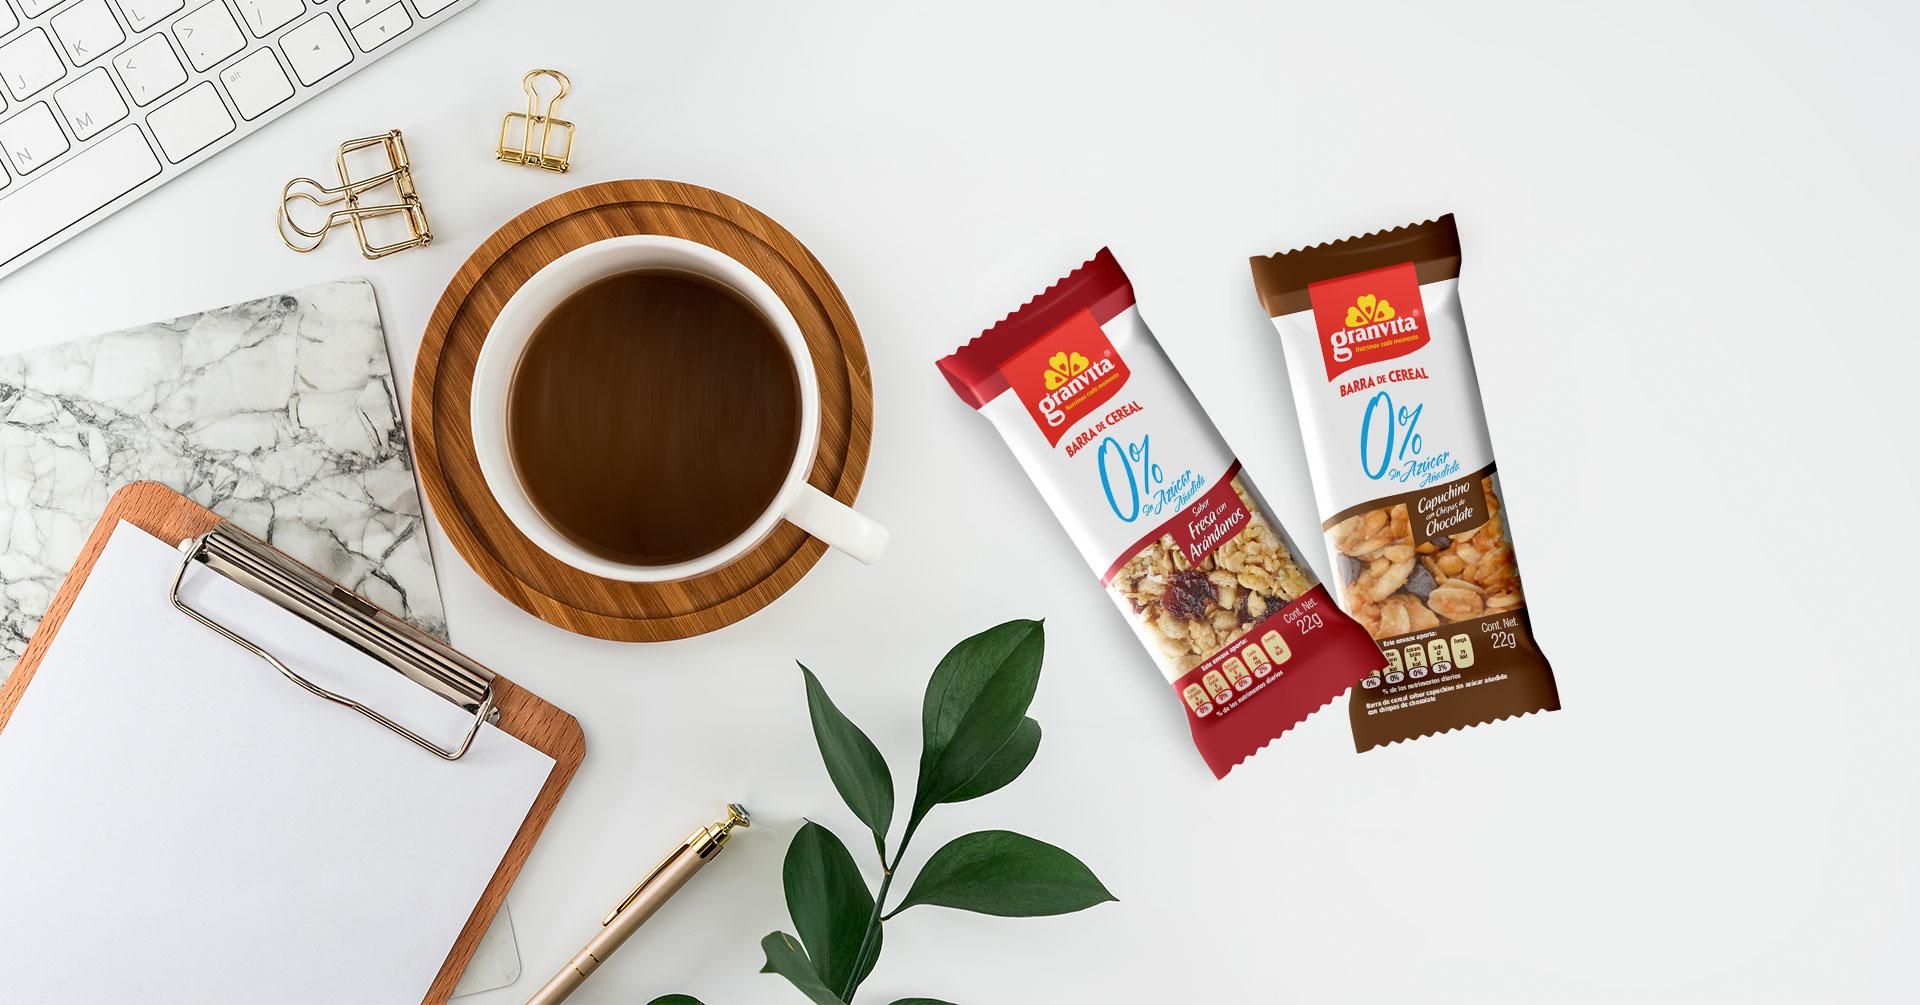 El snack ideal para tu home office: Barritas de Avena Granvita